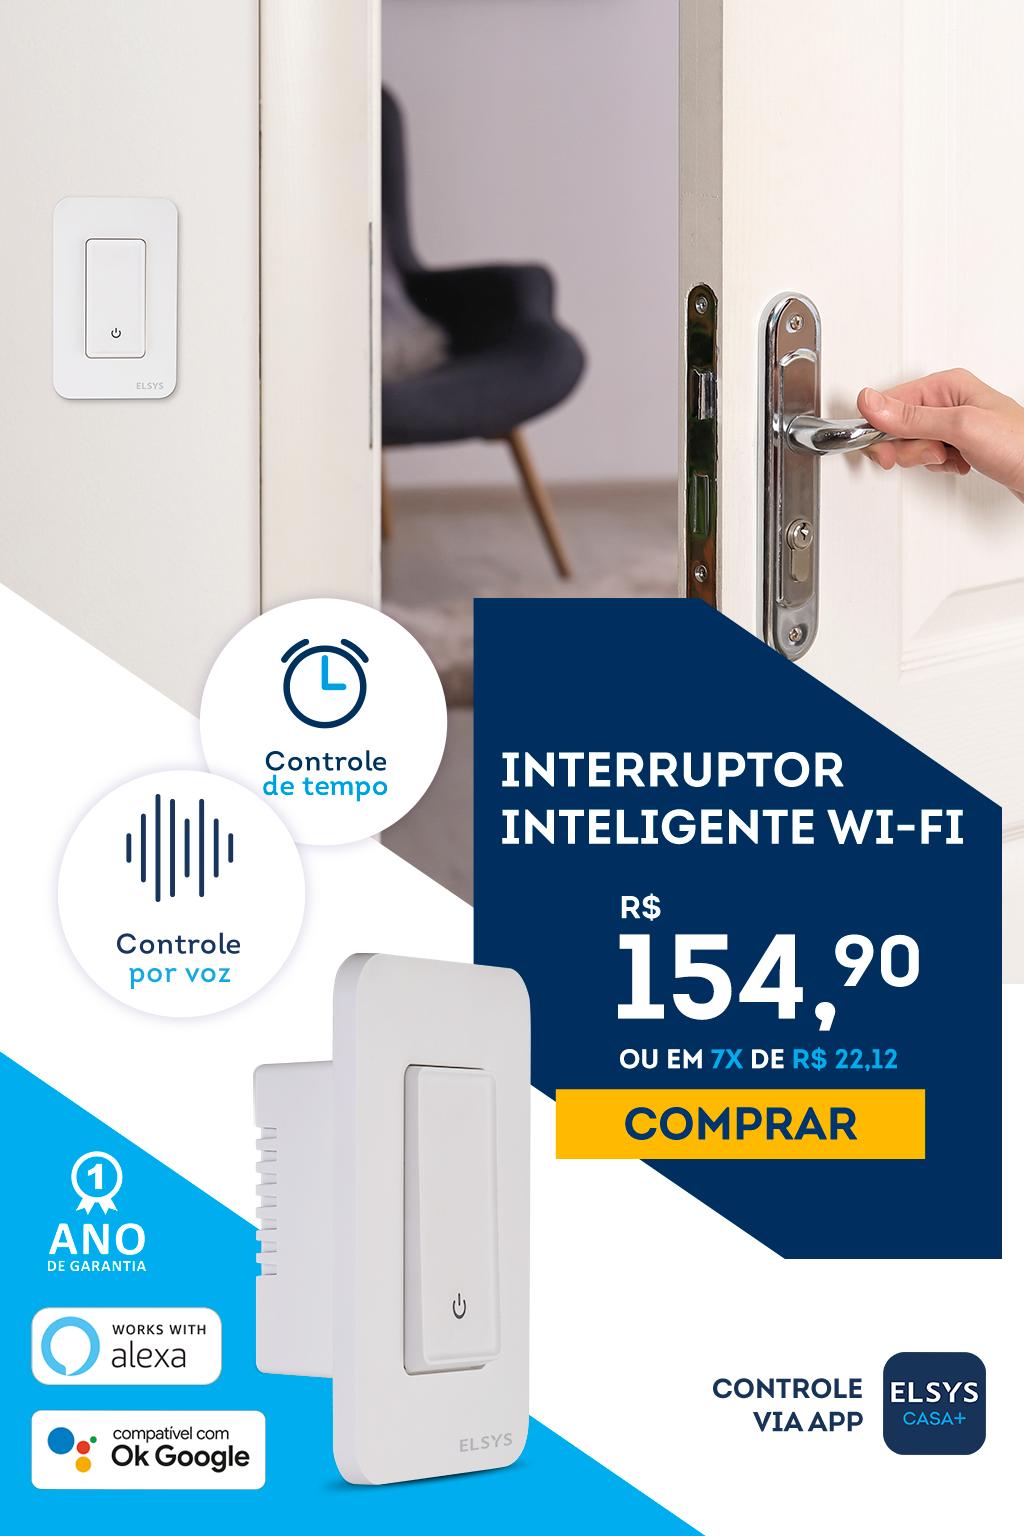 interruptor wi-fi